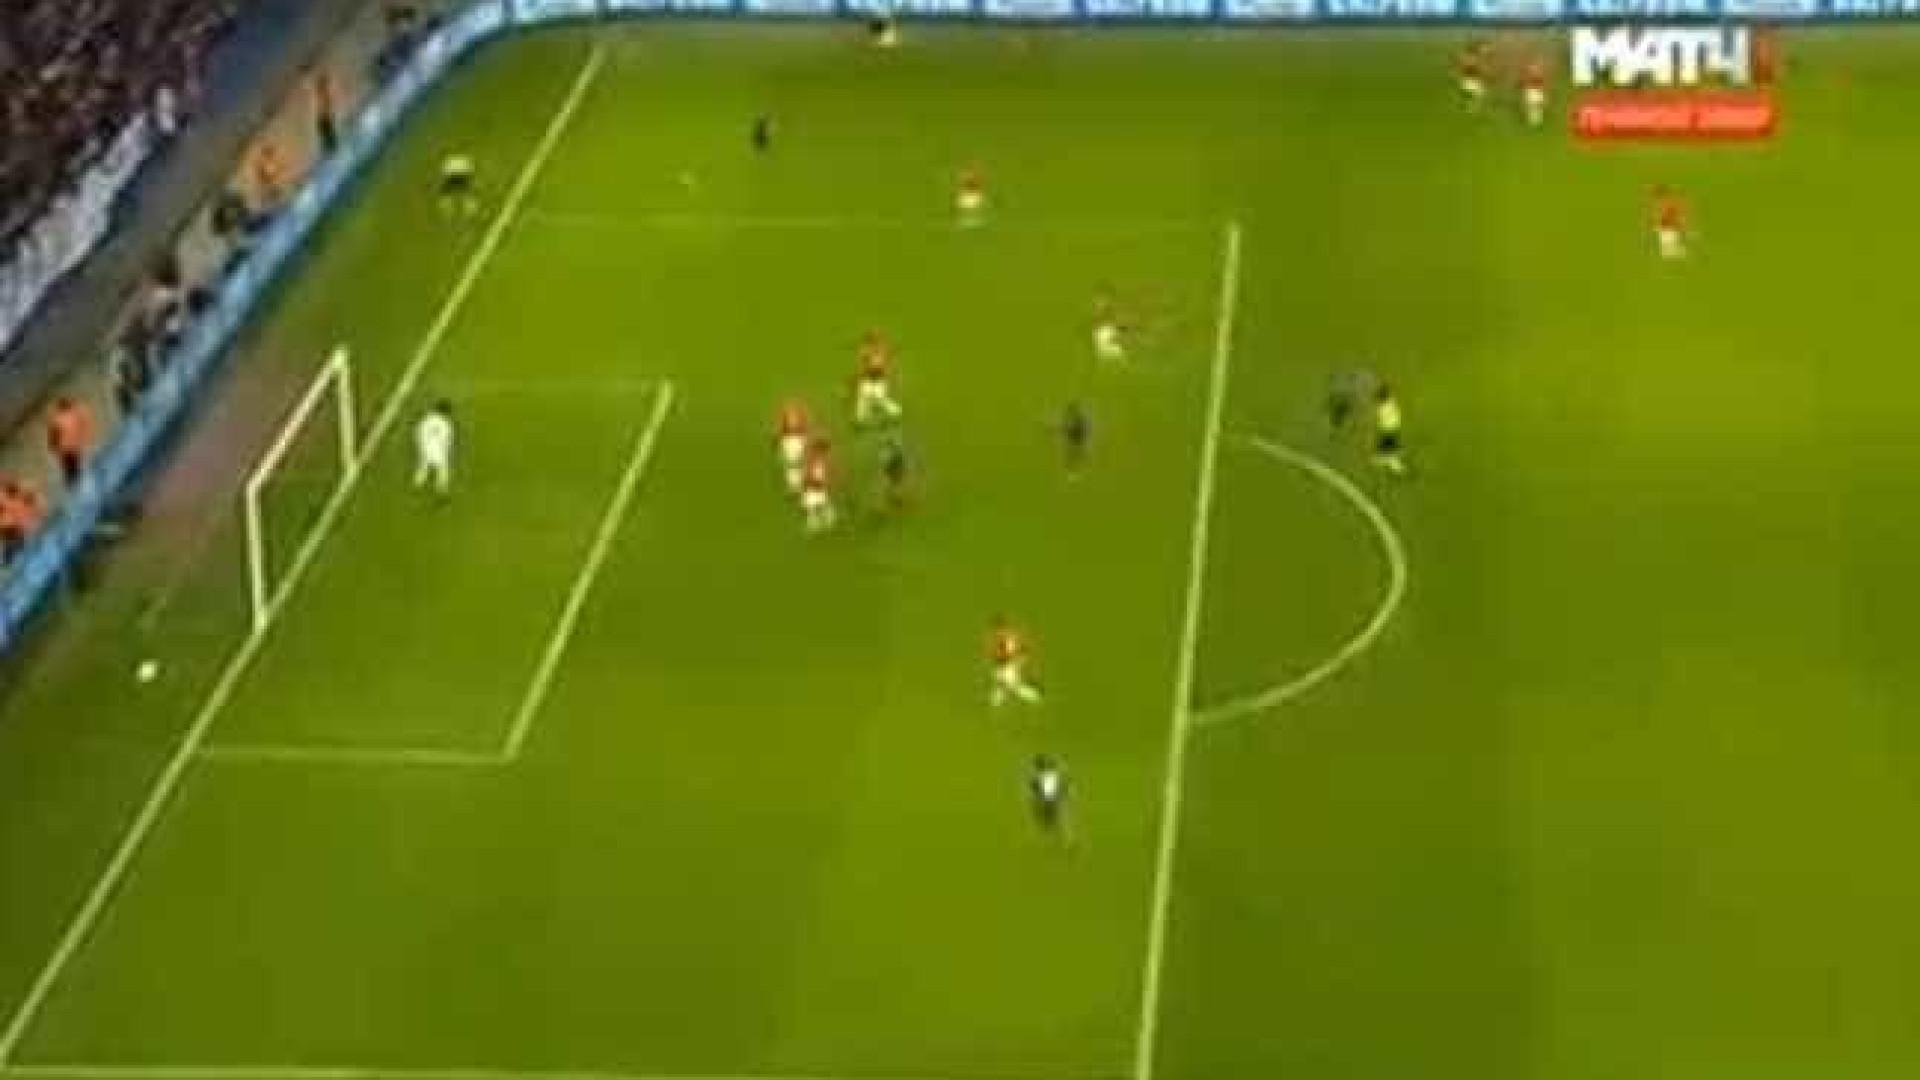 Schennikov inaugura o marcador na Rússia e deixa Benfica em maus lençóis